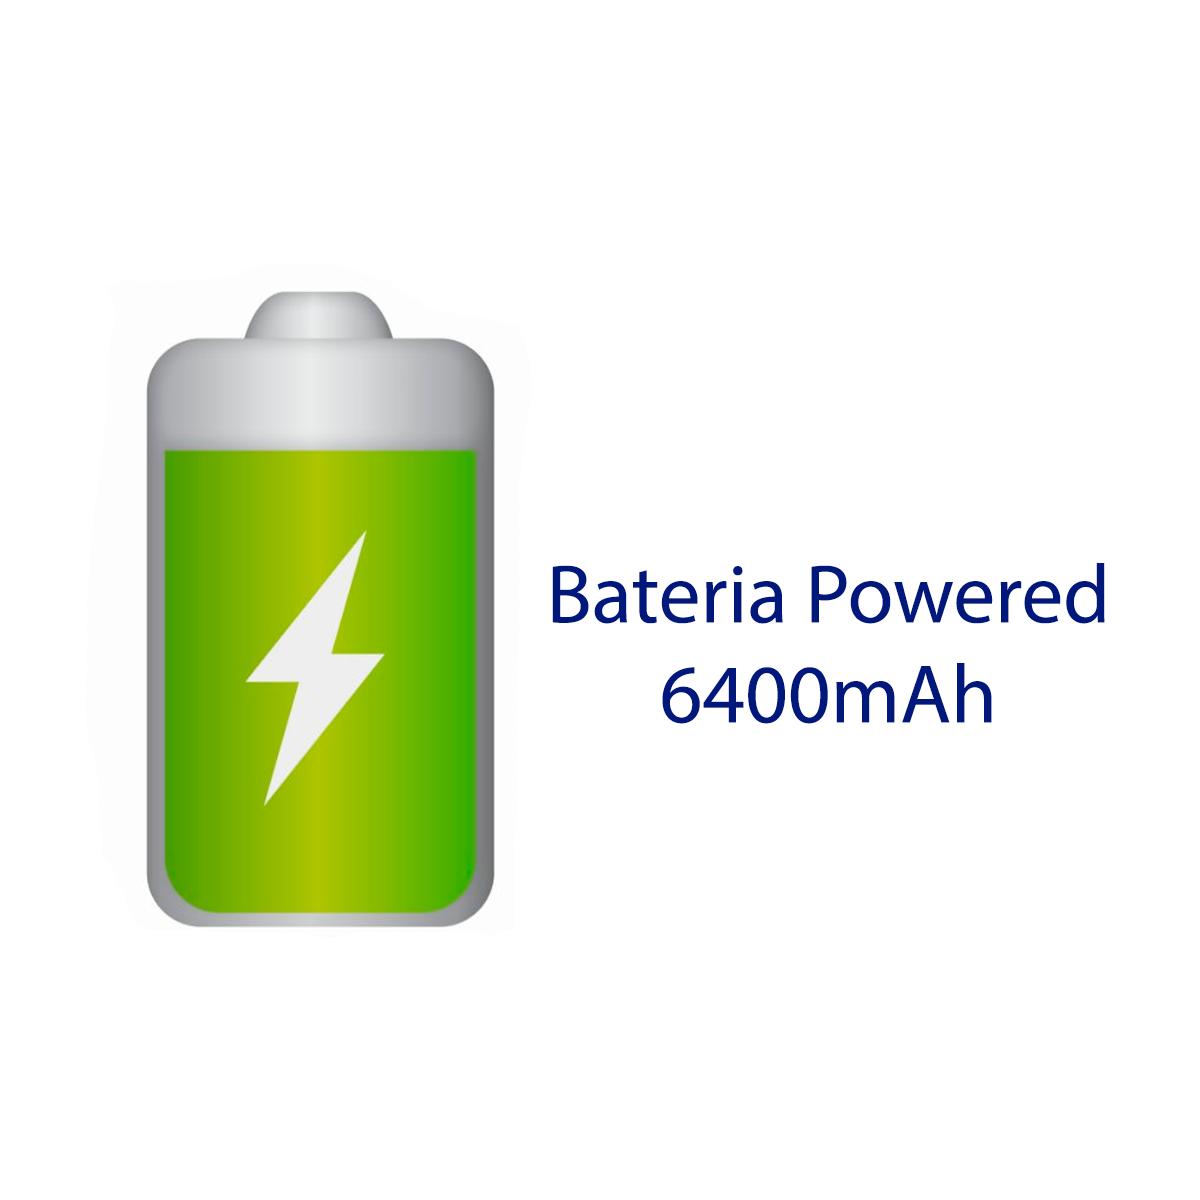 camera-de-seguranca-sem-fio-wi-fi-smart-com-bateria-hb-911-full-hd-1080p-tudo-forte-01